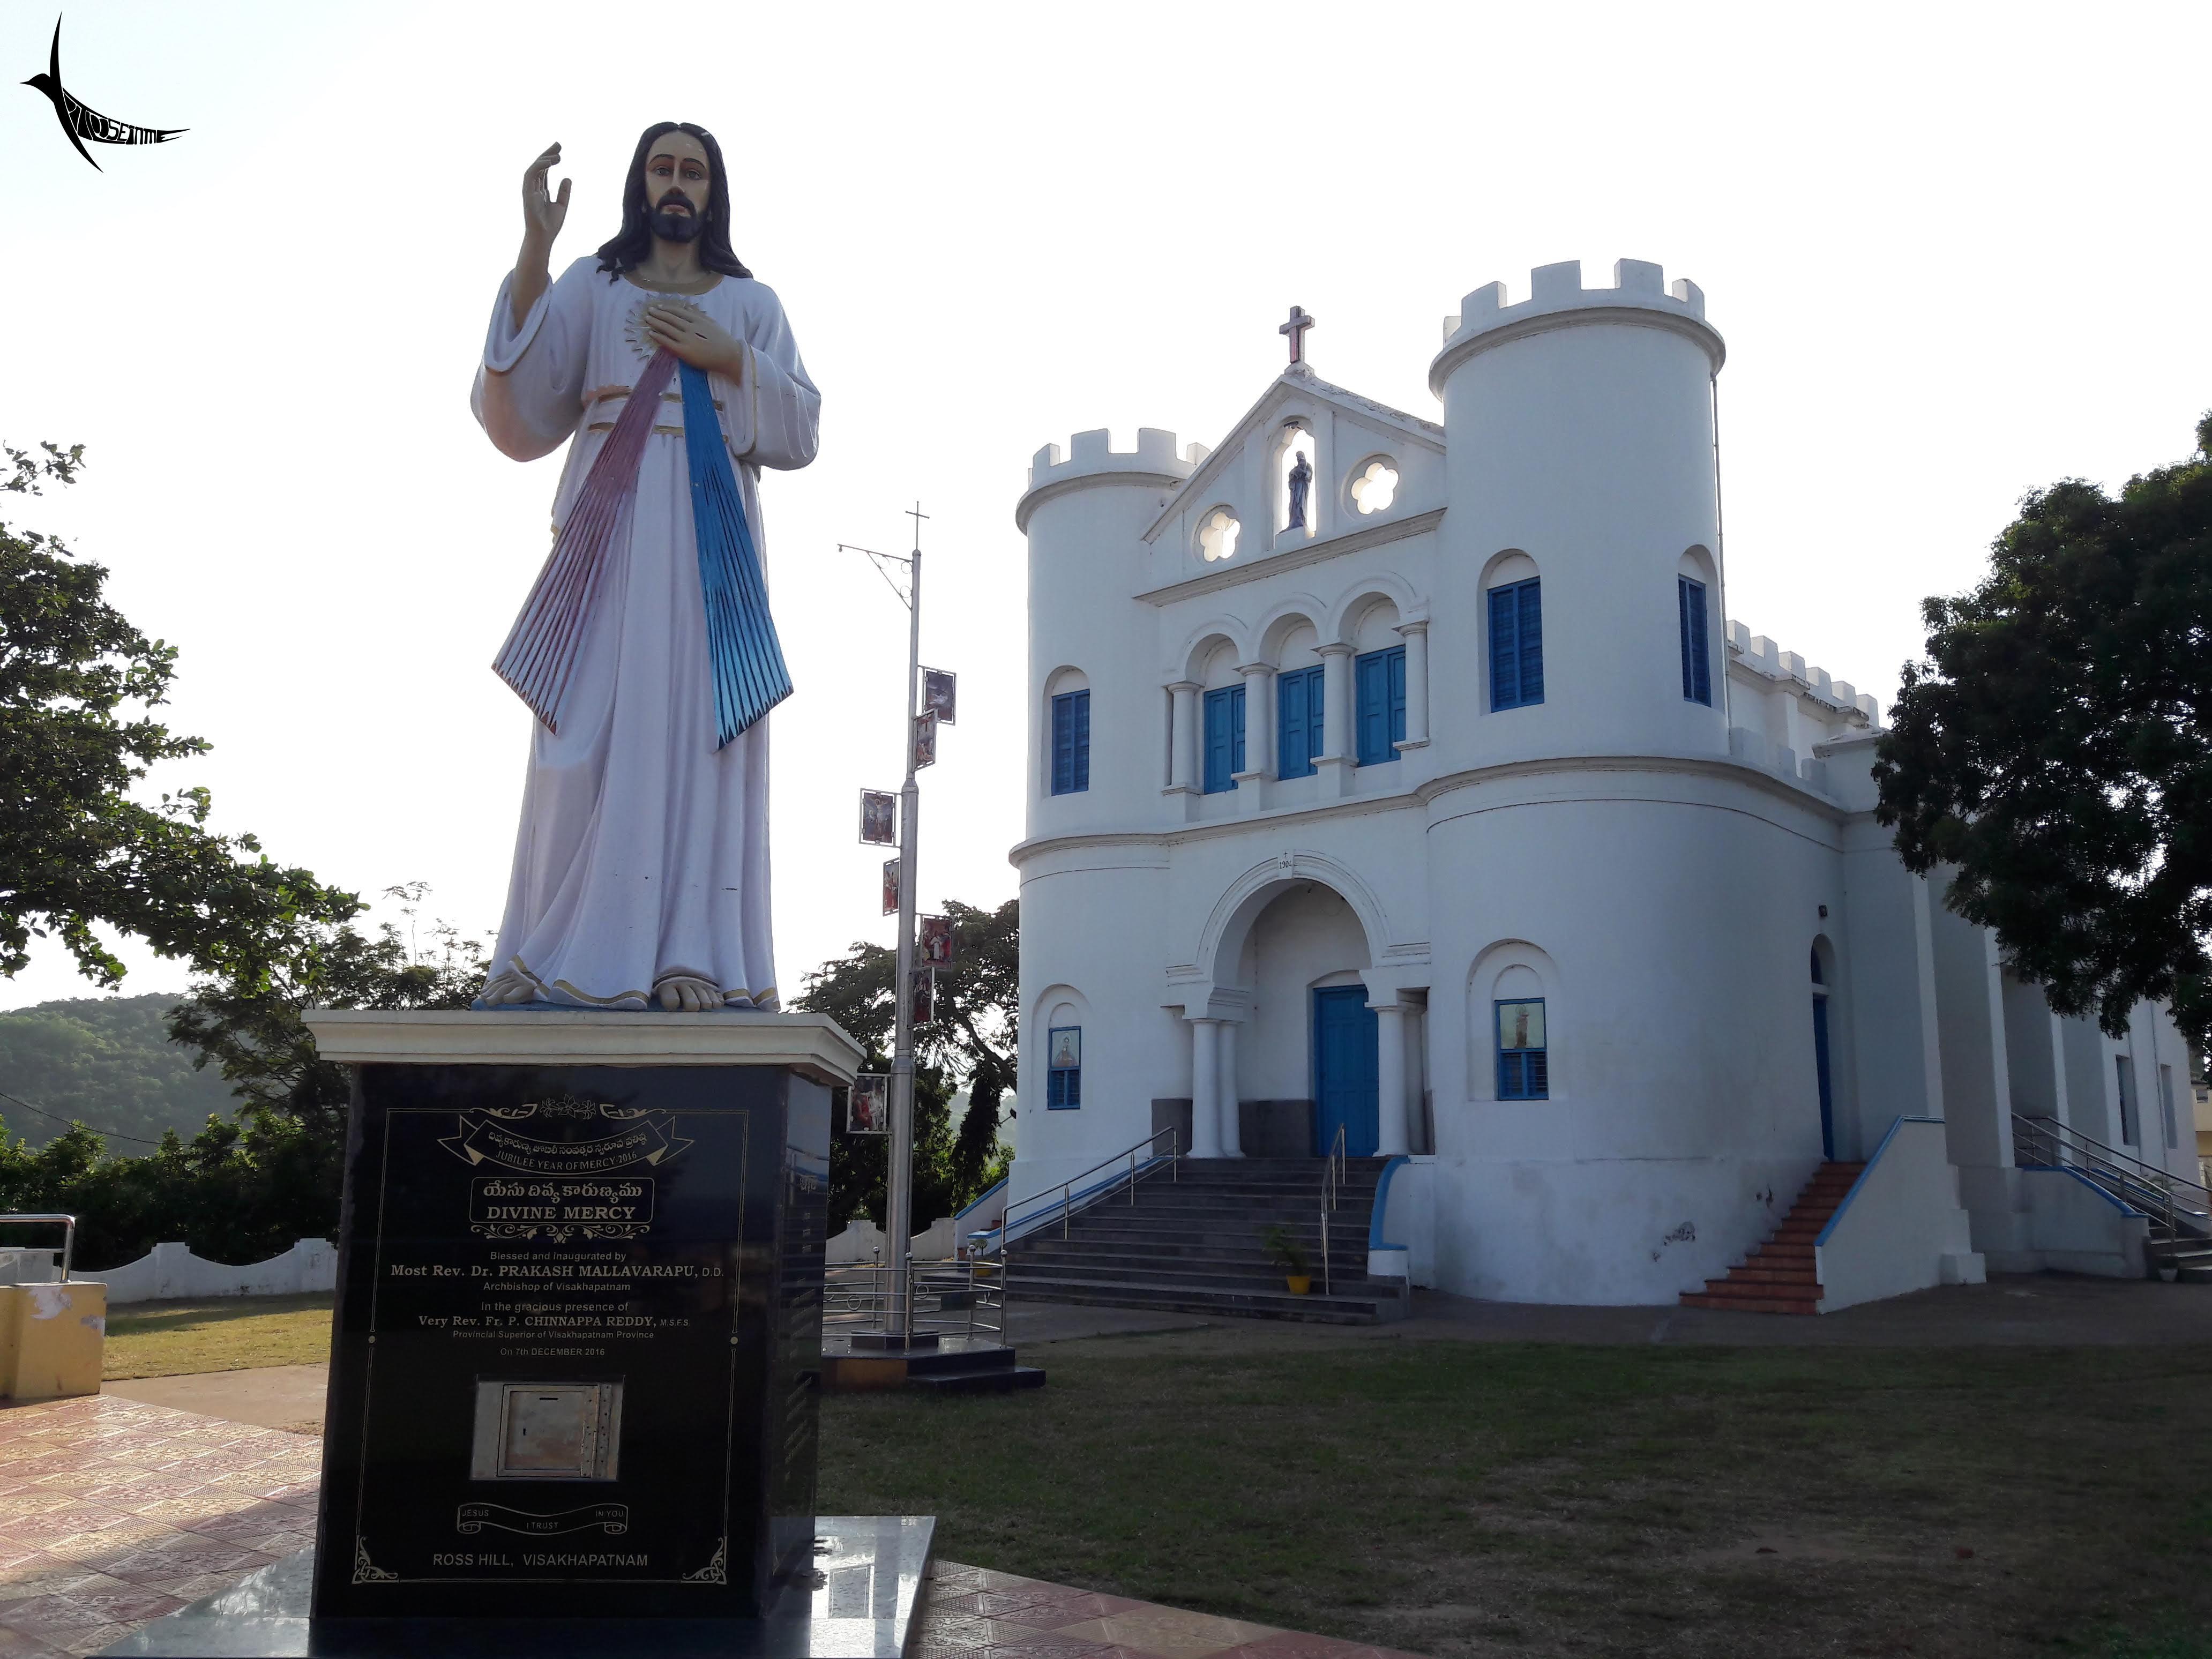 Ross Hill Church